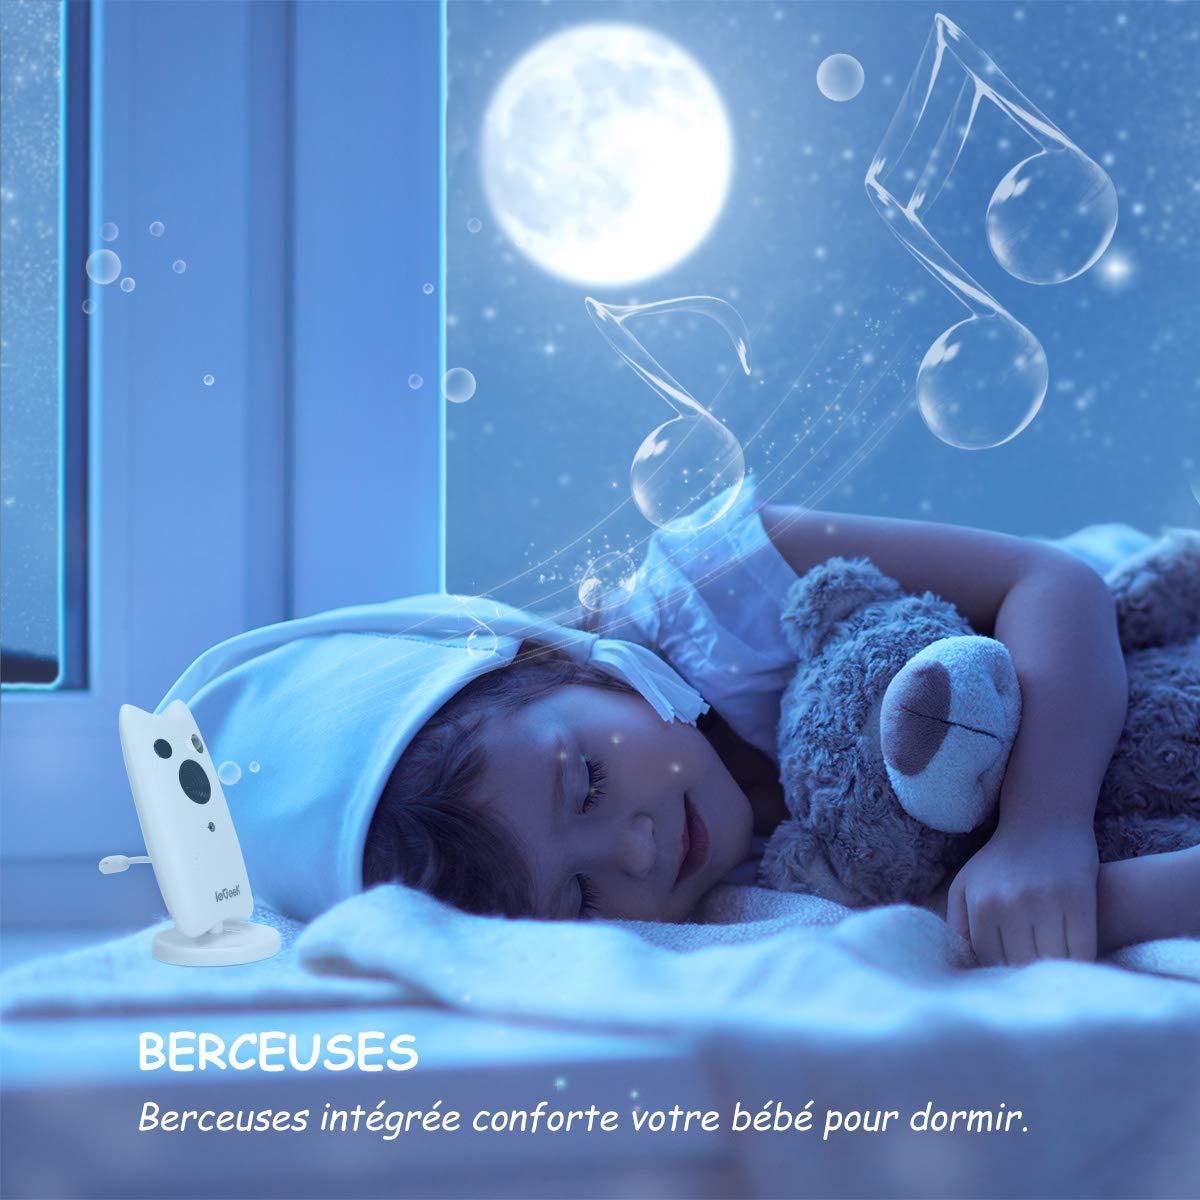 Capteur de Temp/érature Rechargeable Vision Nocturne 2.4 LCD Communication Bidirectionnelle ieGeek Portable Ecoute B/éb/é avec Prendre des Photos Fonction Babyphone Cam/éra Sans Fil Berceuse